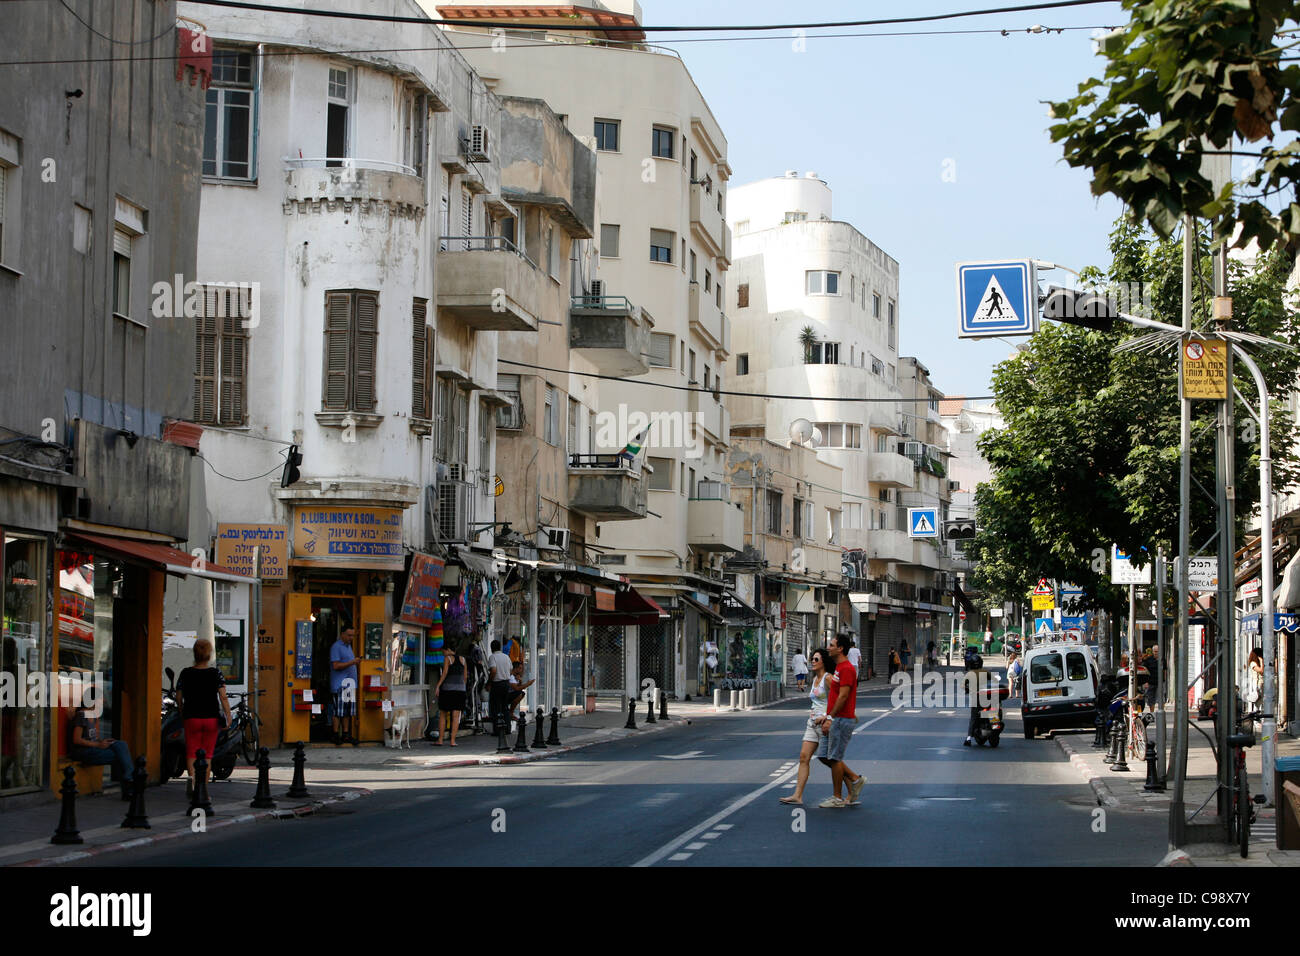 George Reyes calle con edificios de la Bauhaus, Tel Aviv, Israel. Imagen De Stock